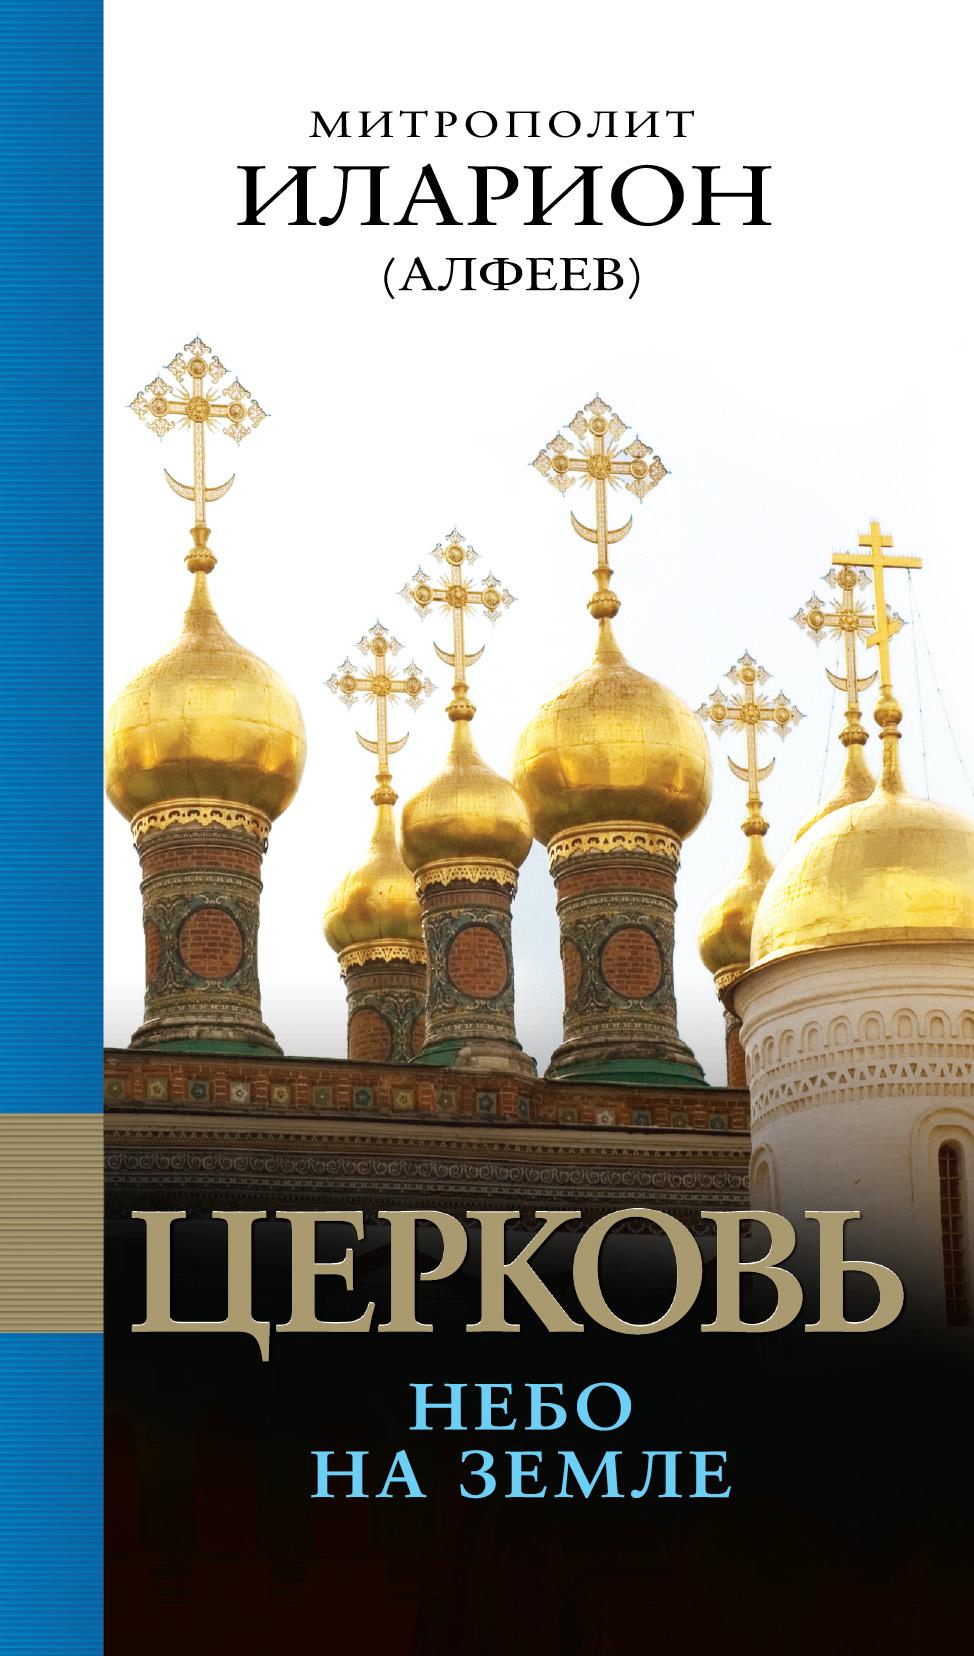 Митрополит Иларион (Алфеев) «Церковь. Небо на земле»